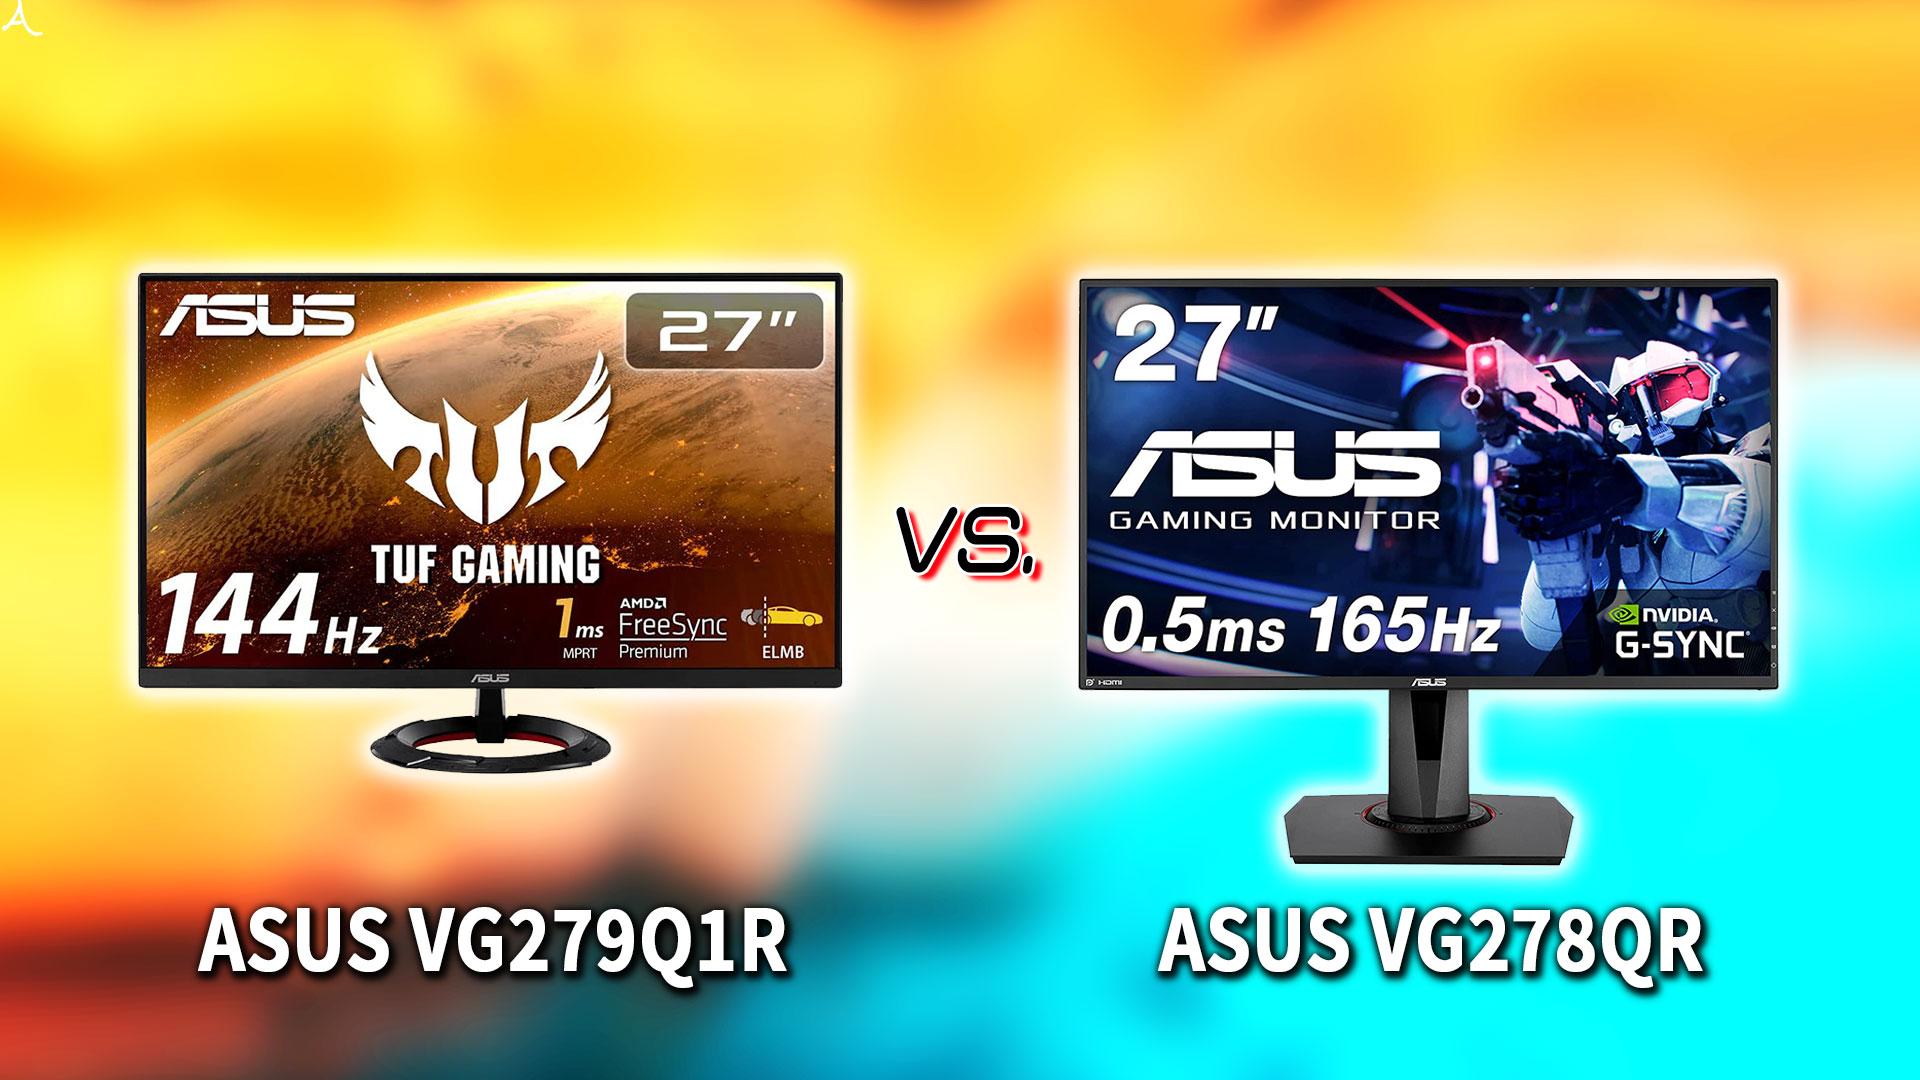 「ASUS VG279Q1R」と「VG278QR」の違いを比較:どっちを買う?